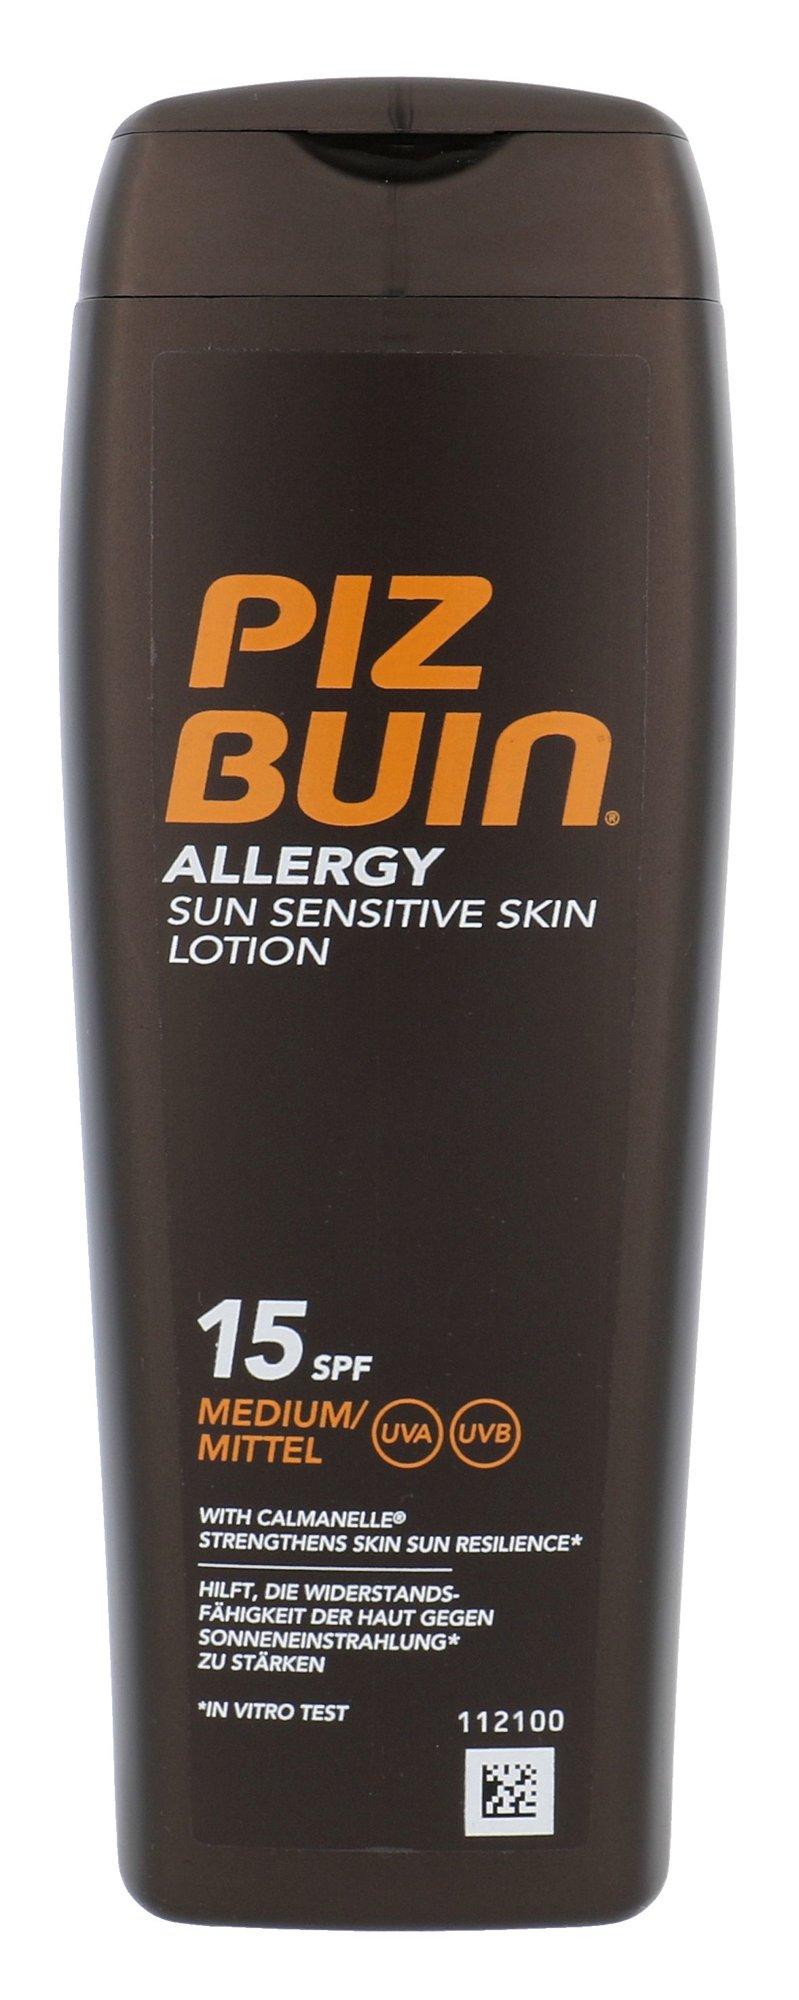 Apsaugai nuo saulės Piz Buin Alergy Lotion SPF15